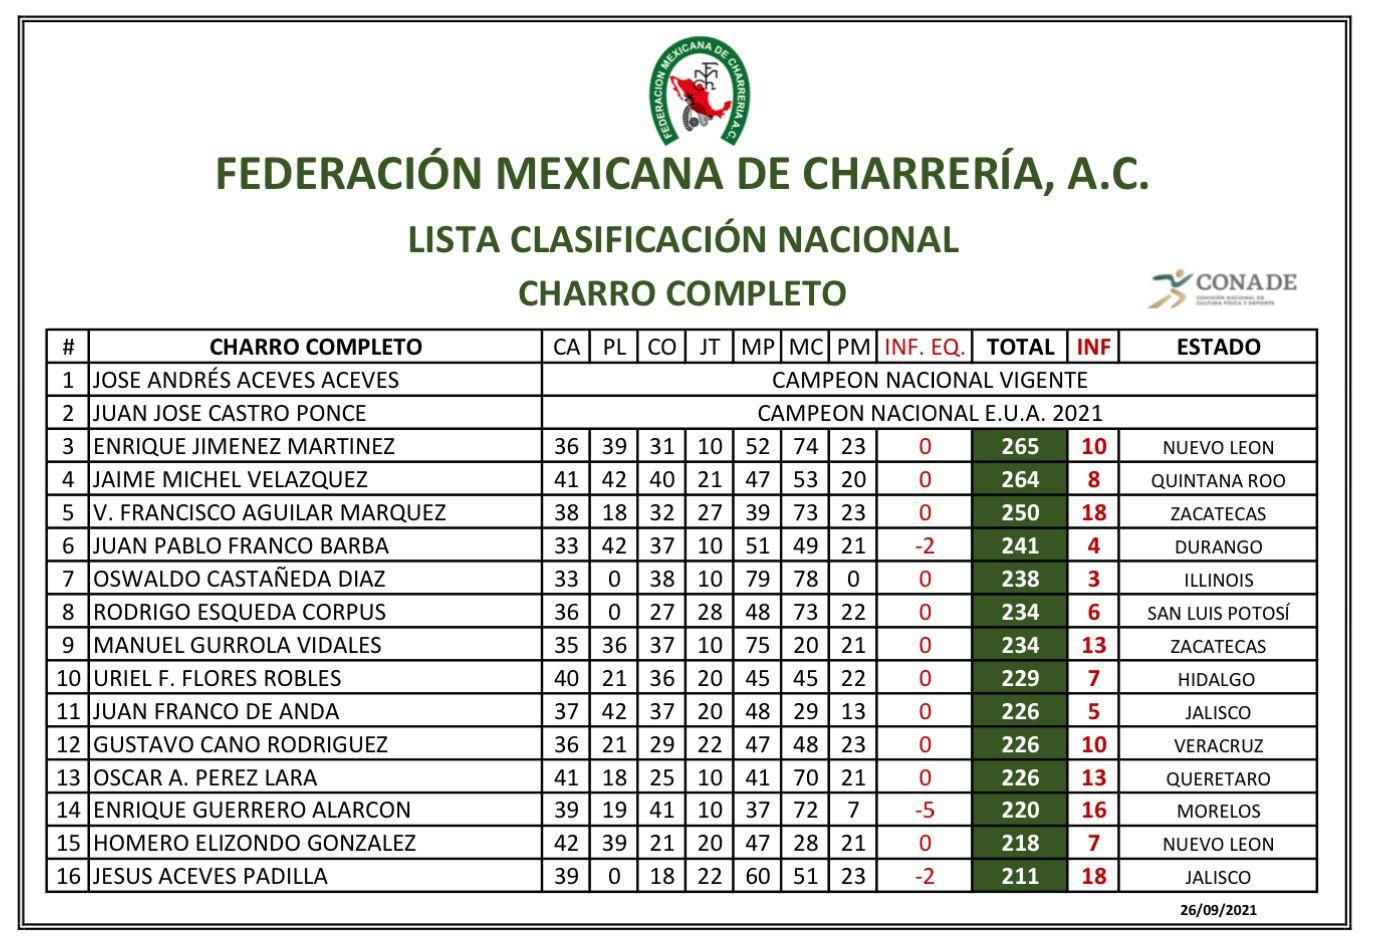 Lista de Charros Completos Aguascalientes 2021